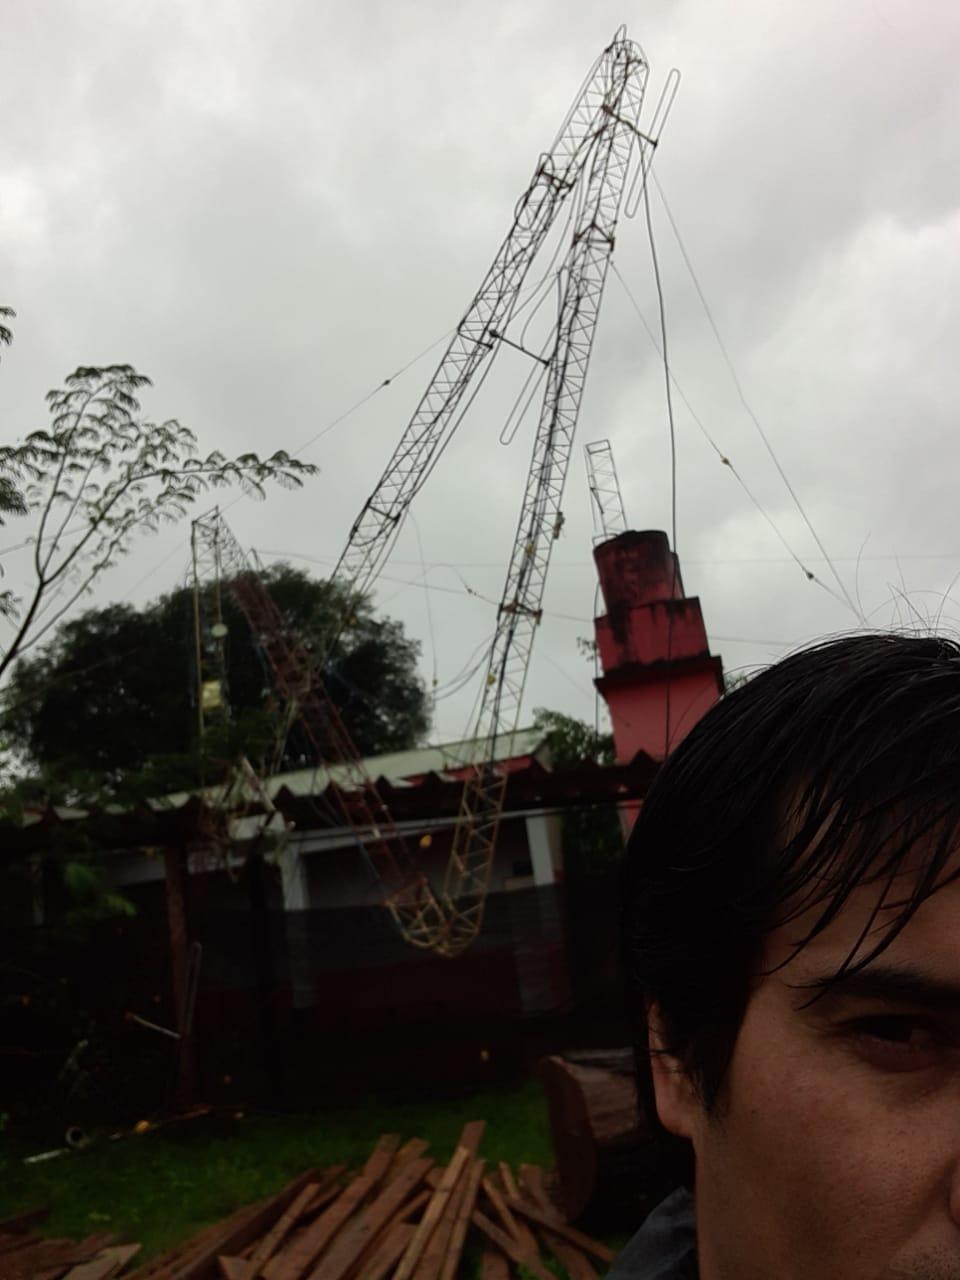 Voladuras de techos, arboles caídos y corte de servicios, el saldo de la tormenta en El Soberbio